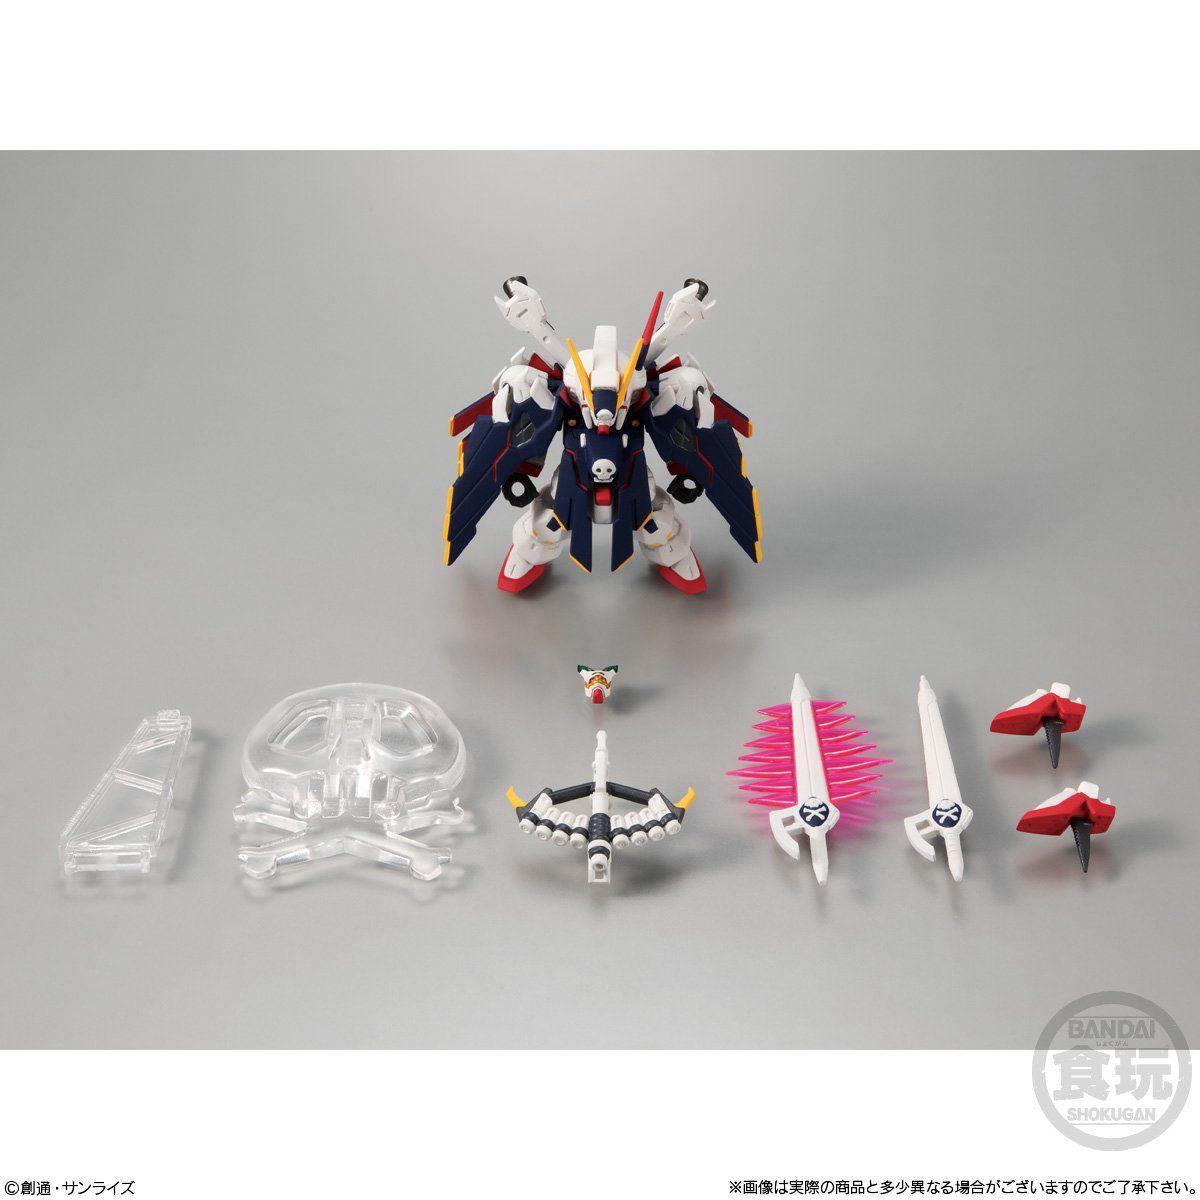 【食玩】FW GUNDAM CONVERGE EX25『クロスボーン・ガンダムX1 フルクロス』完成品フィギュア-008